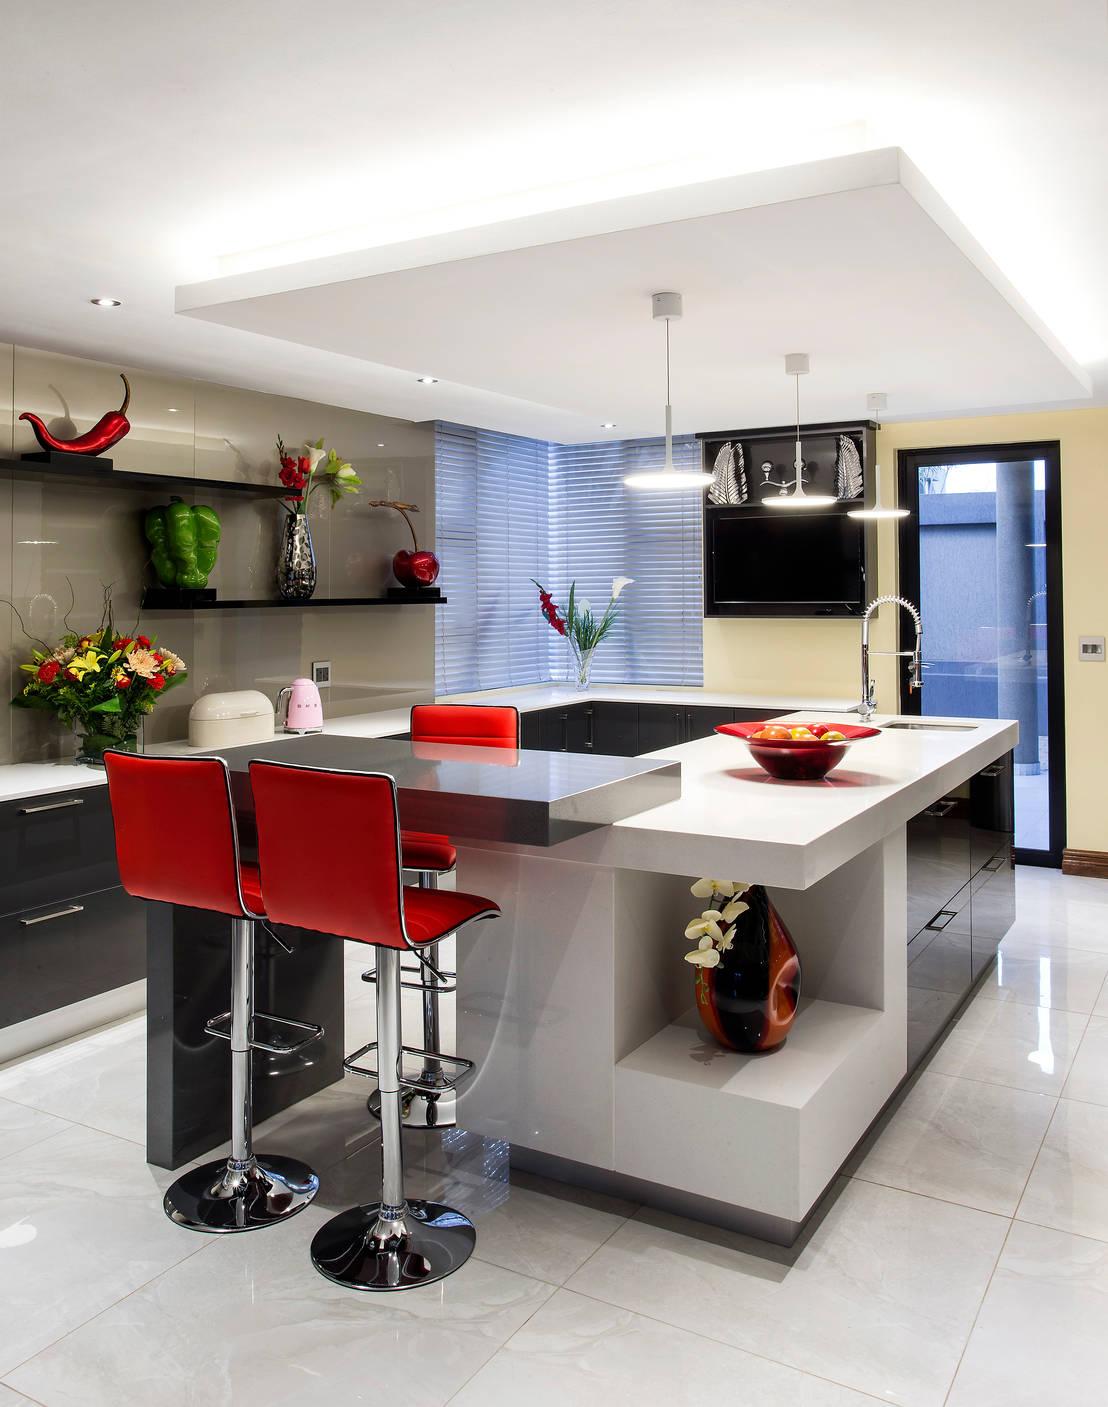 20 dise os de cocinas modernas para inspirarte a for Diseno de cocinas integrales para departamentos pequenos